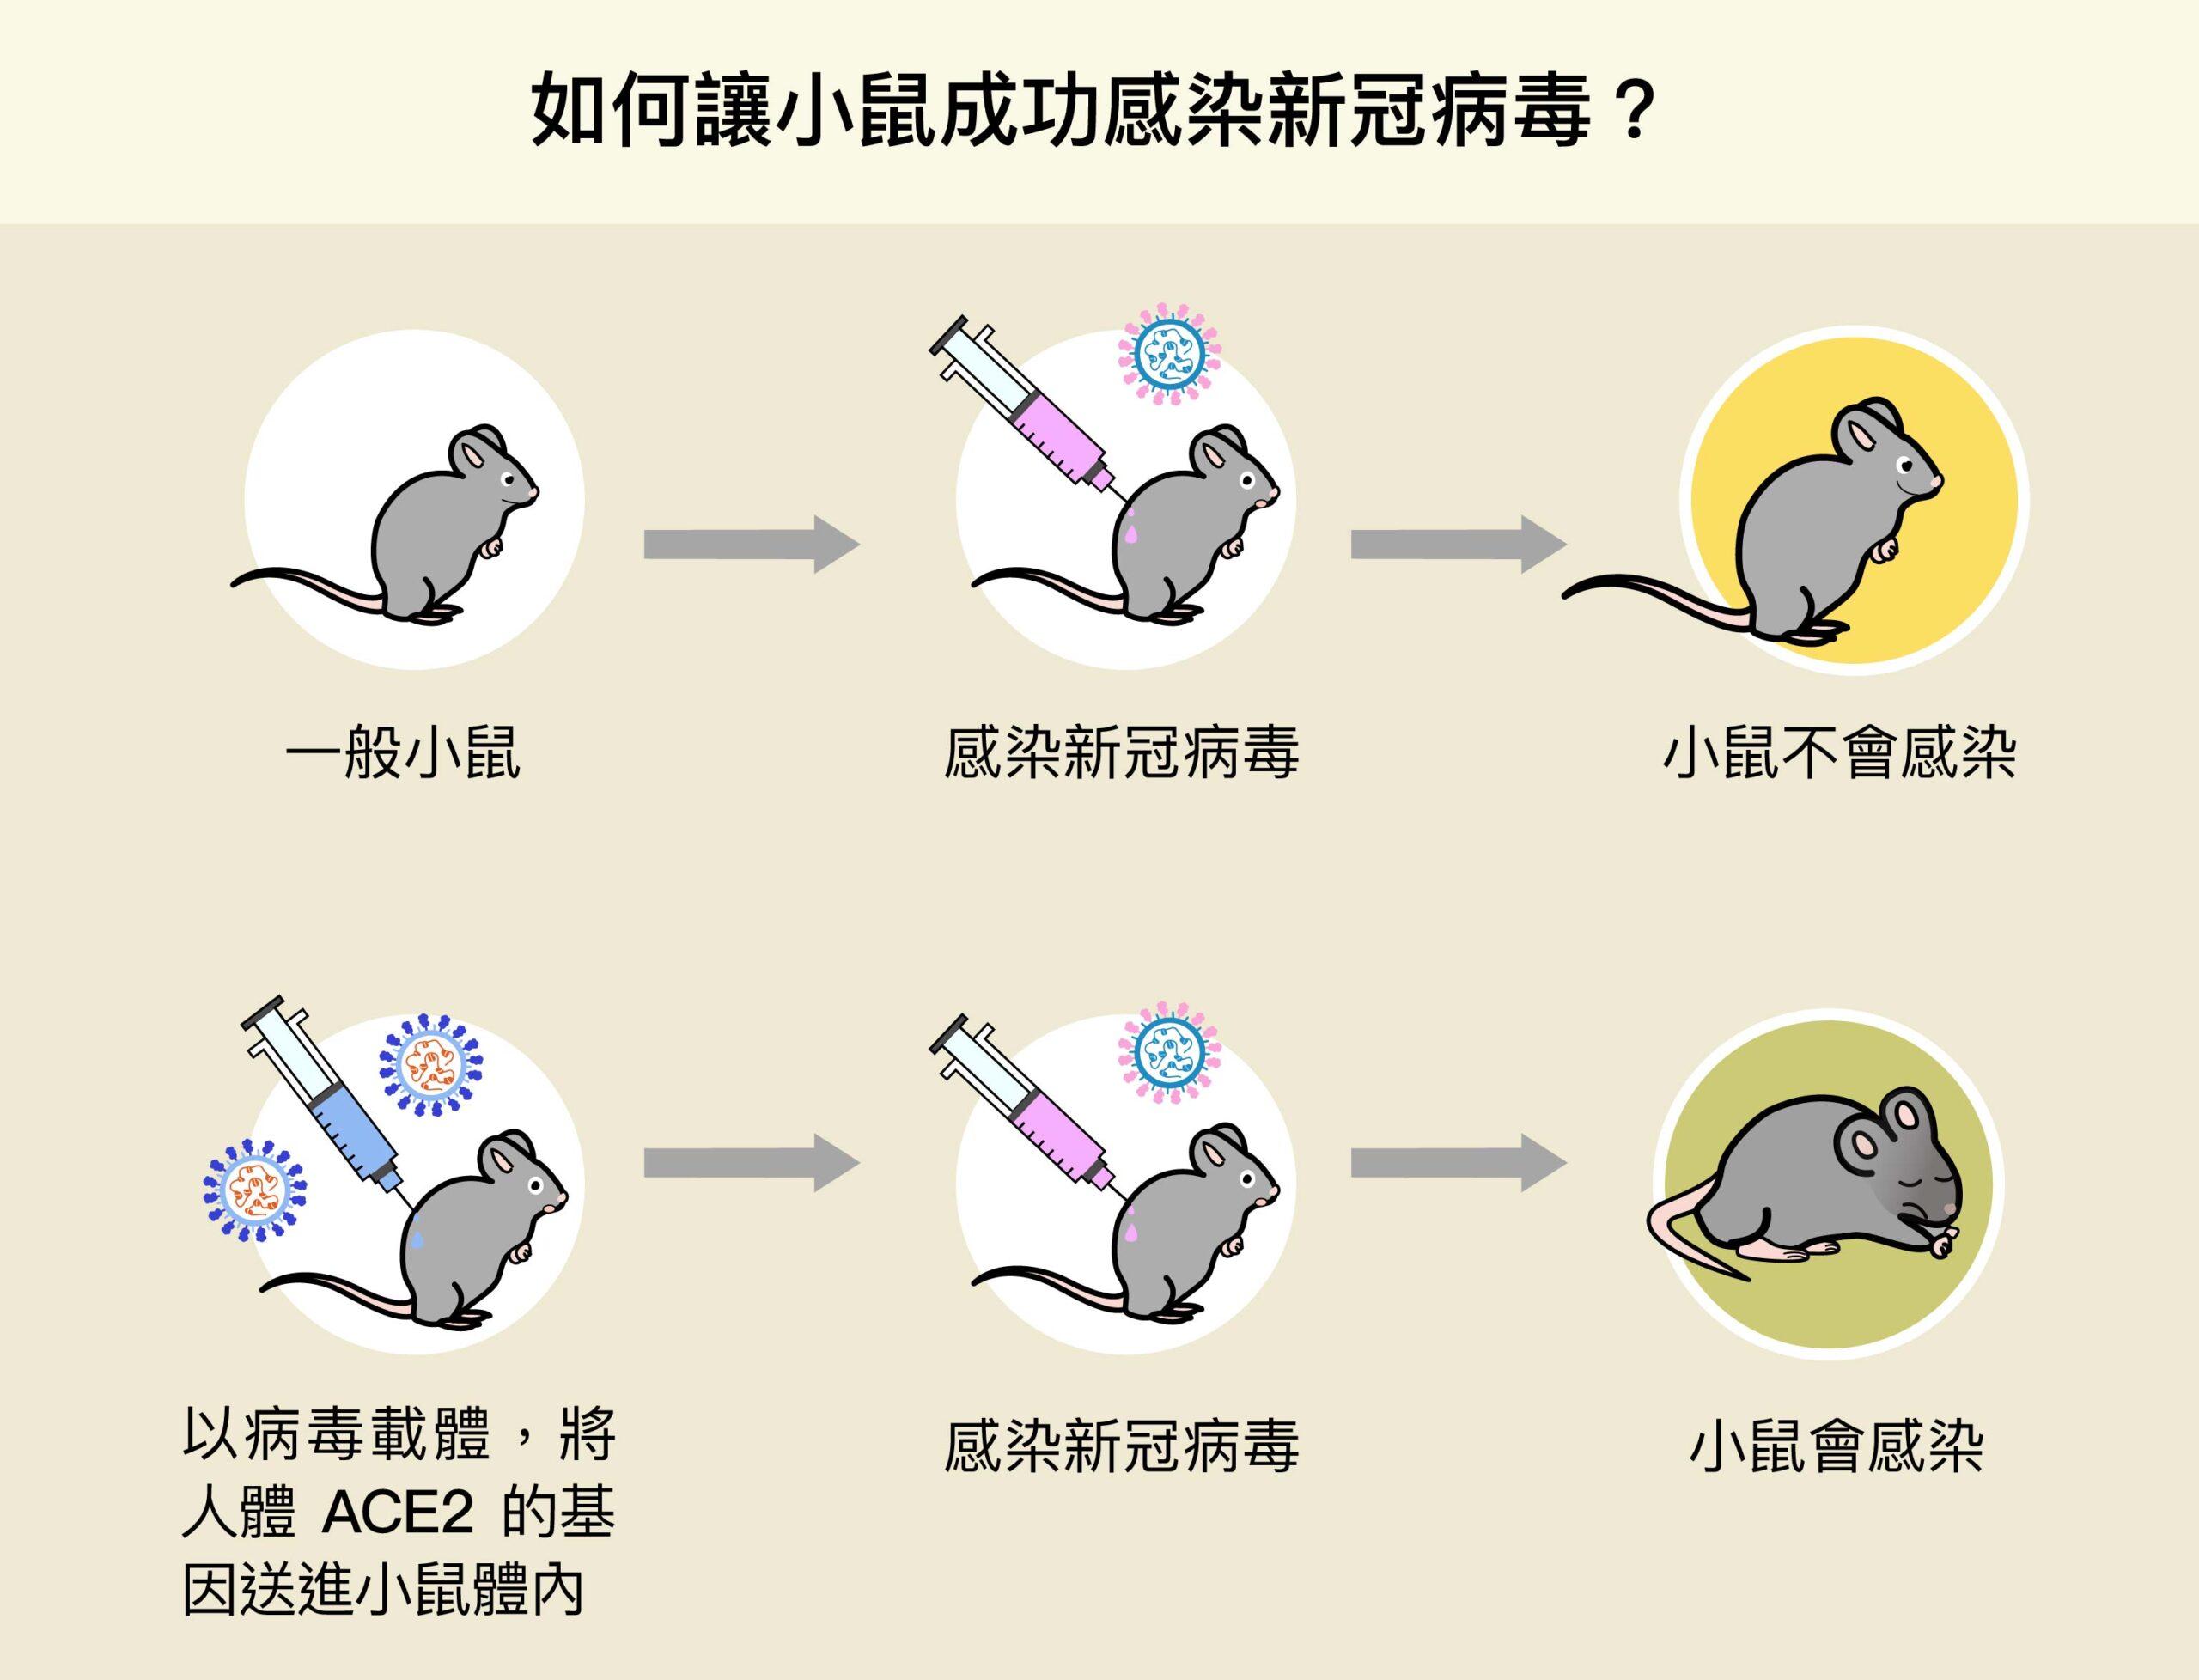 陶秘華研究員以病毒載體,將人體 ACE2 的基因送進小鼠體內,成功使小鼠細胞表現人類的 ACE2,變得可以感染新冠病毒,加速了動物攻毒實驗的進行。圖│研之有物